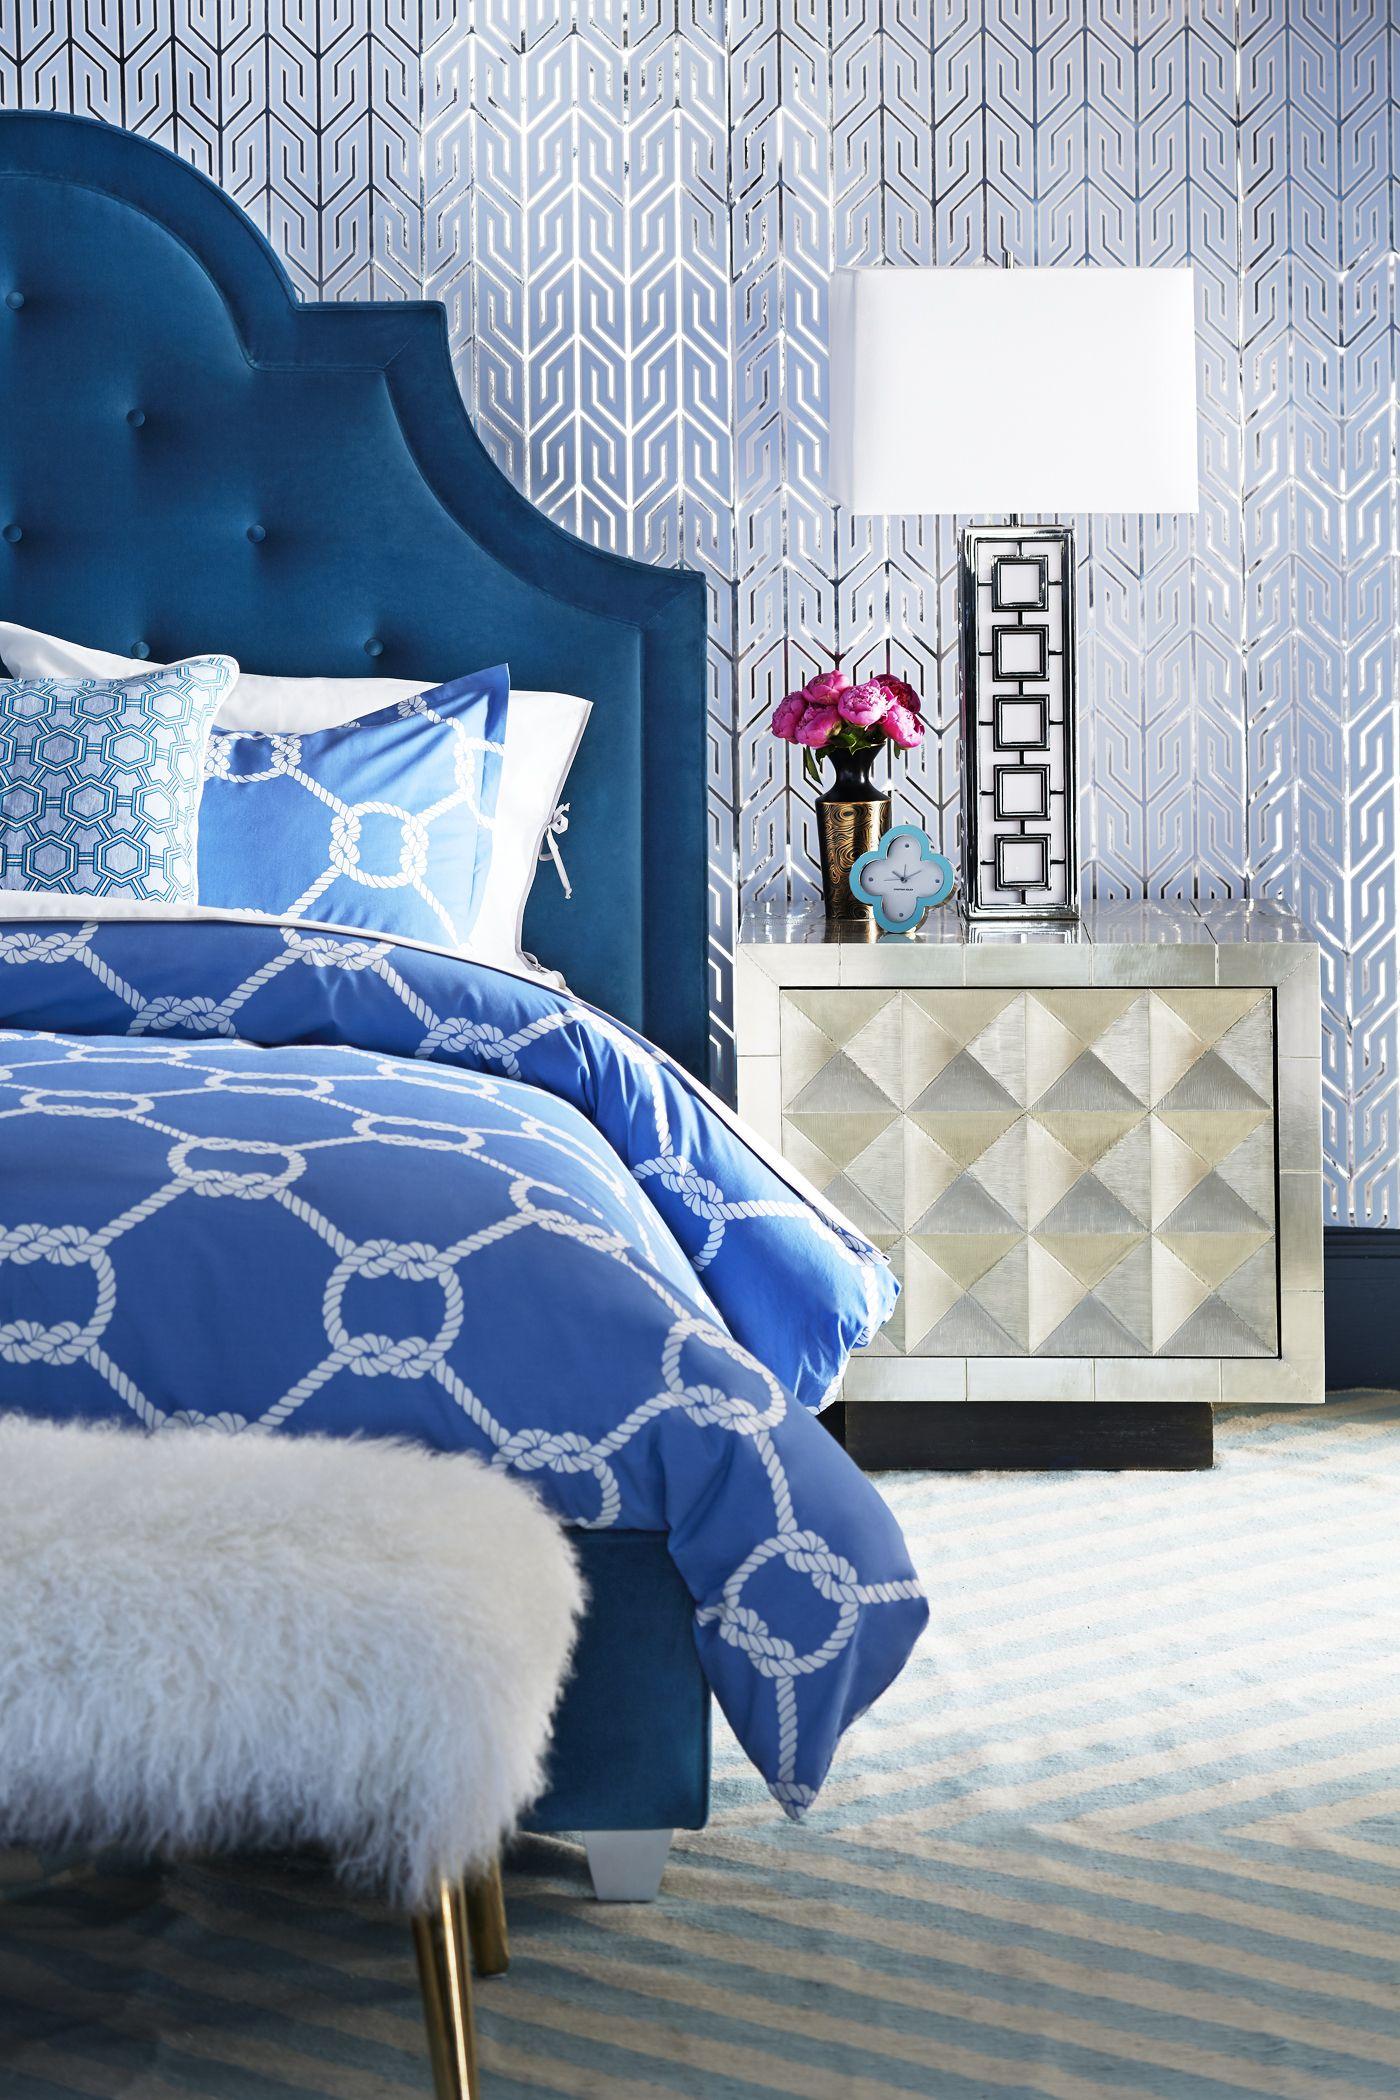 Blaue Schlafzimmer · Kinderschlafzimmer · Jonathan Adler, Fühling Kataloge  2015. White Felz Schlafzimmer Bank Für Modern Luxus Schlafzimmer.